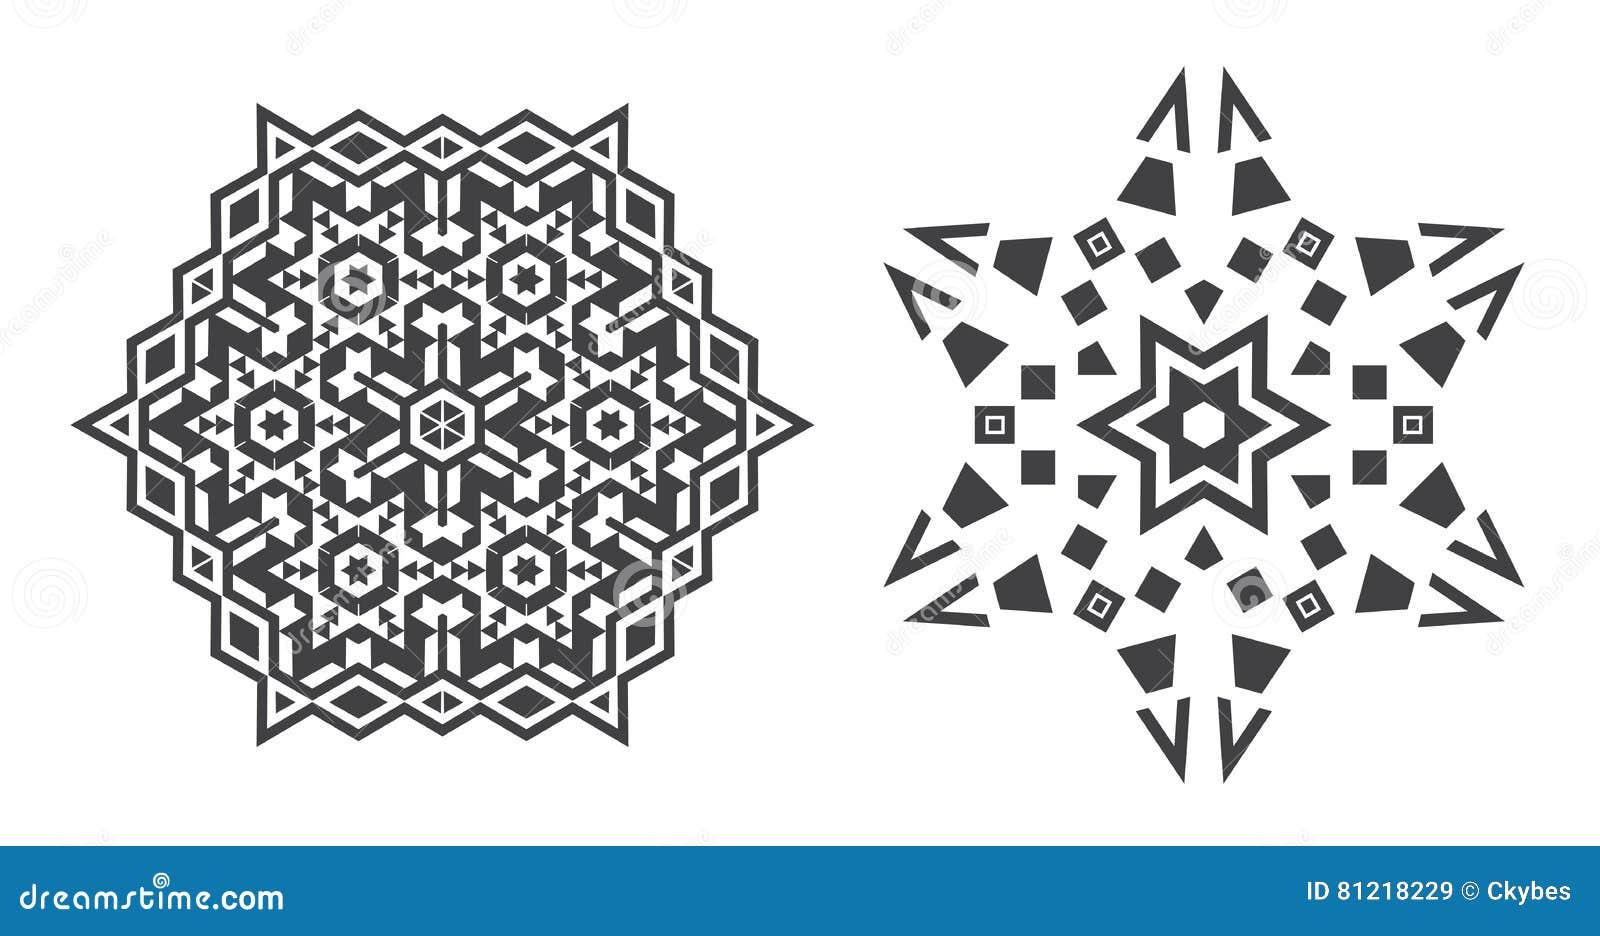 Den Israel Jew Ethnic Fractal Mandala vektorn ser som snöflingan eller